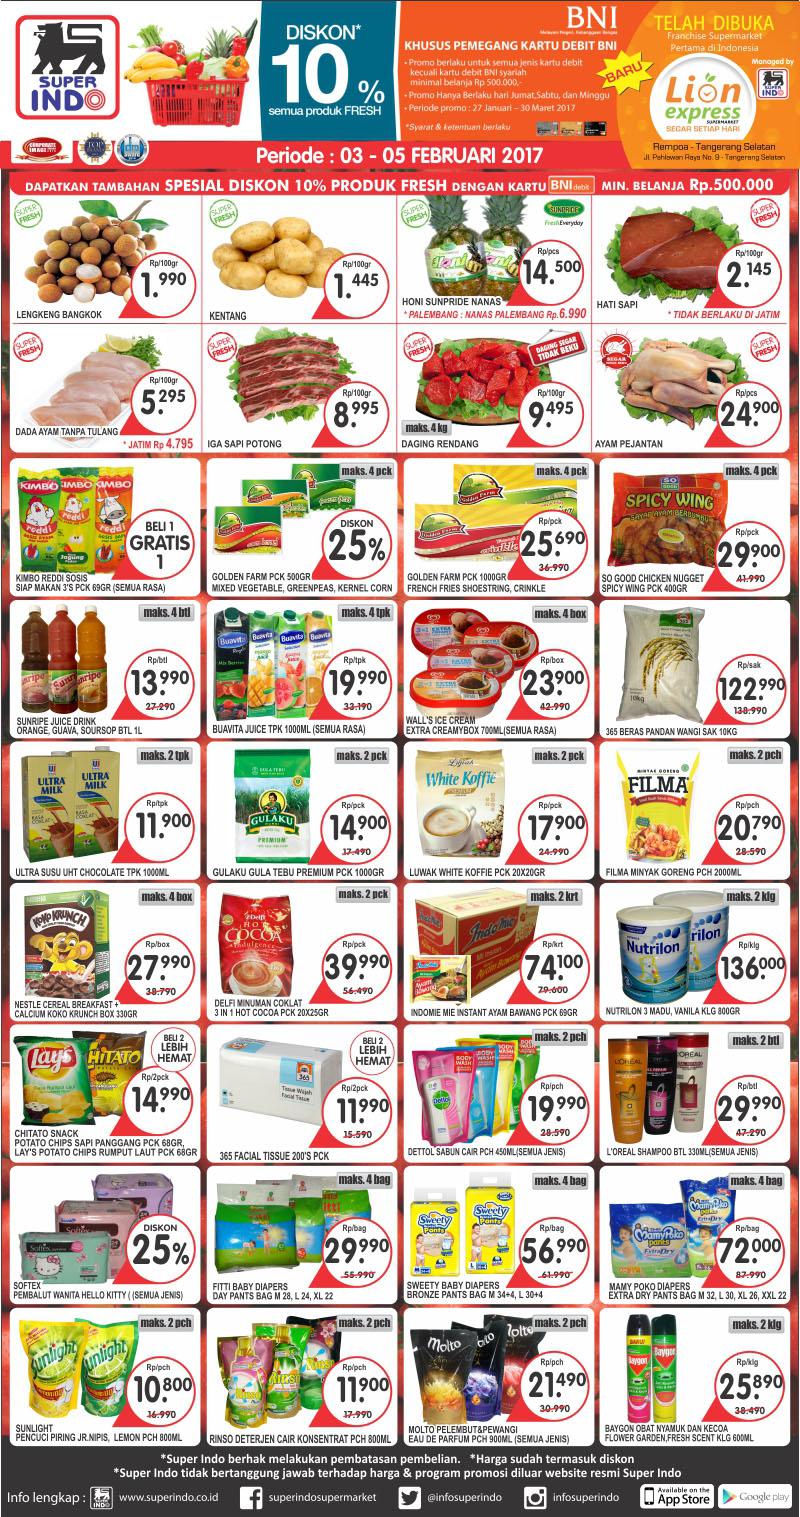 Katalog Promo Terlengkap  Katalog Promo Terlengkap Superindo JSM 3 ... 8577d39da2